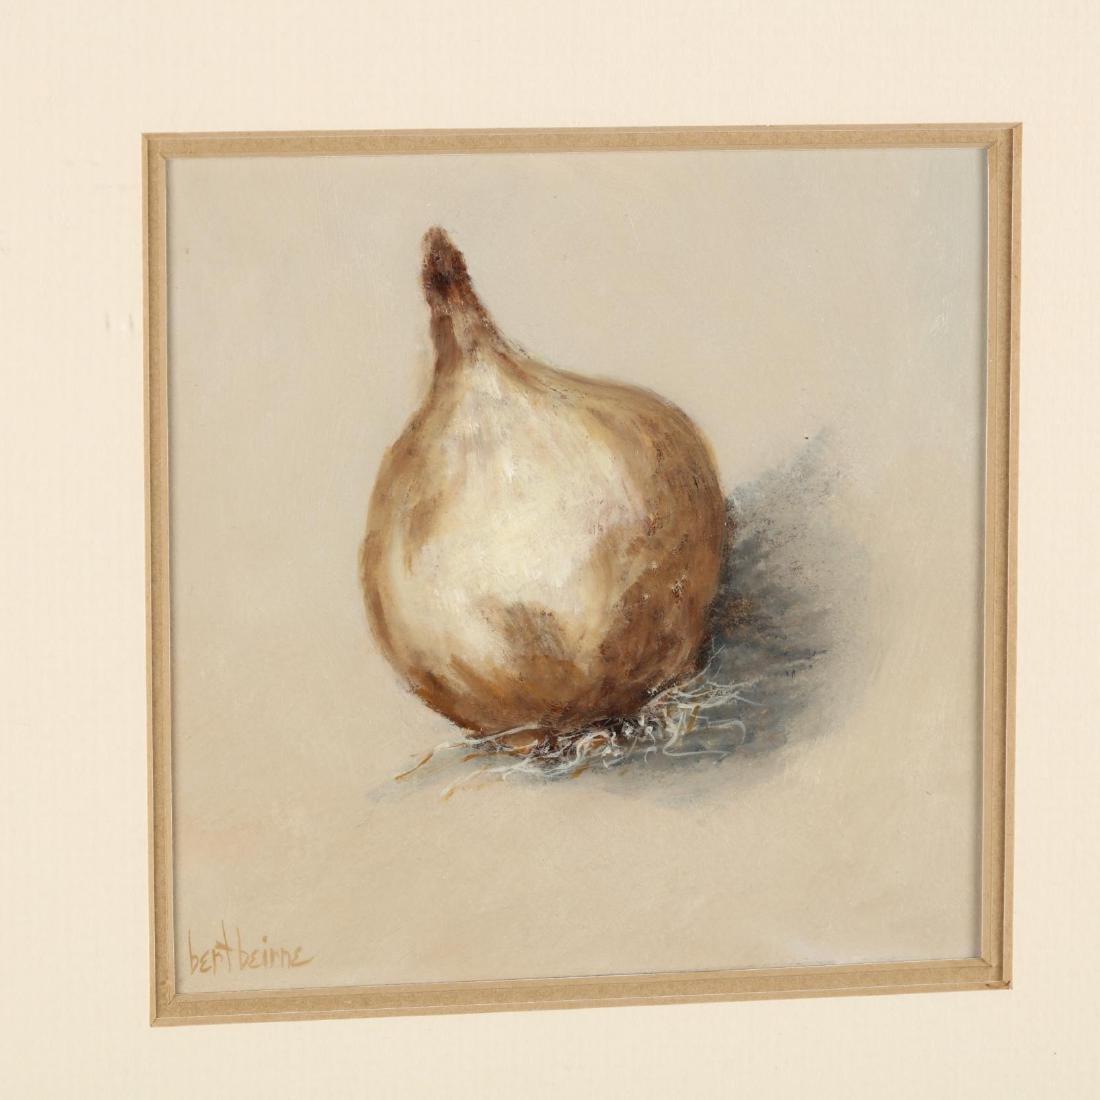 Bert Beirne (GA), An Onion - 2